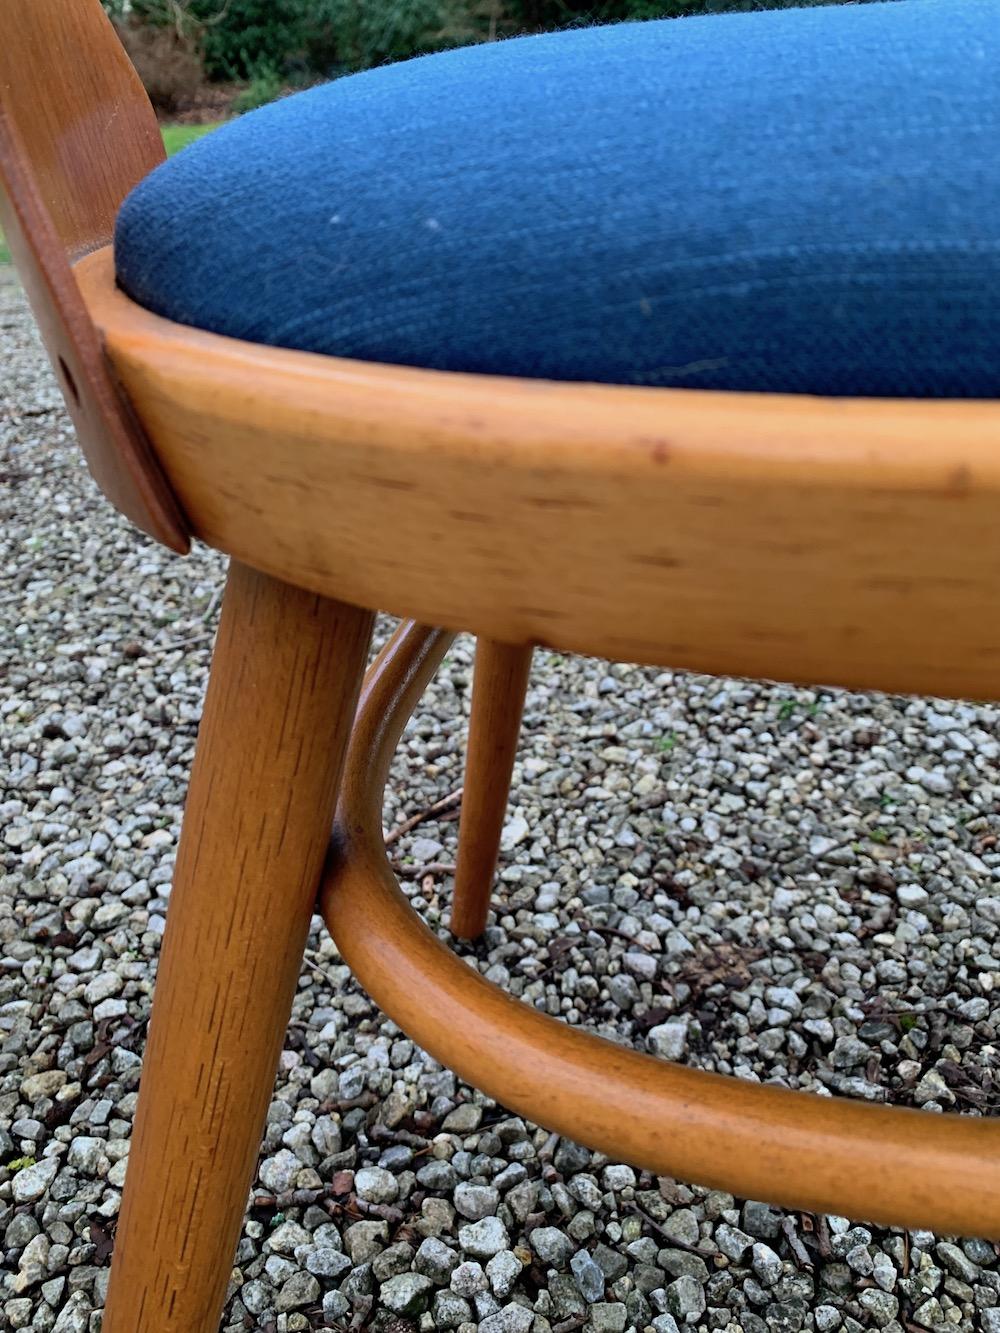 Radomir Hofman, vintage chairs, wooden chairs, design chairs, Czech design, dining, dining chairs, chaises vintage, chaises bois, European design, midmod, midcentury modern design, kitchen,